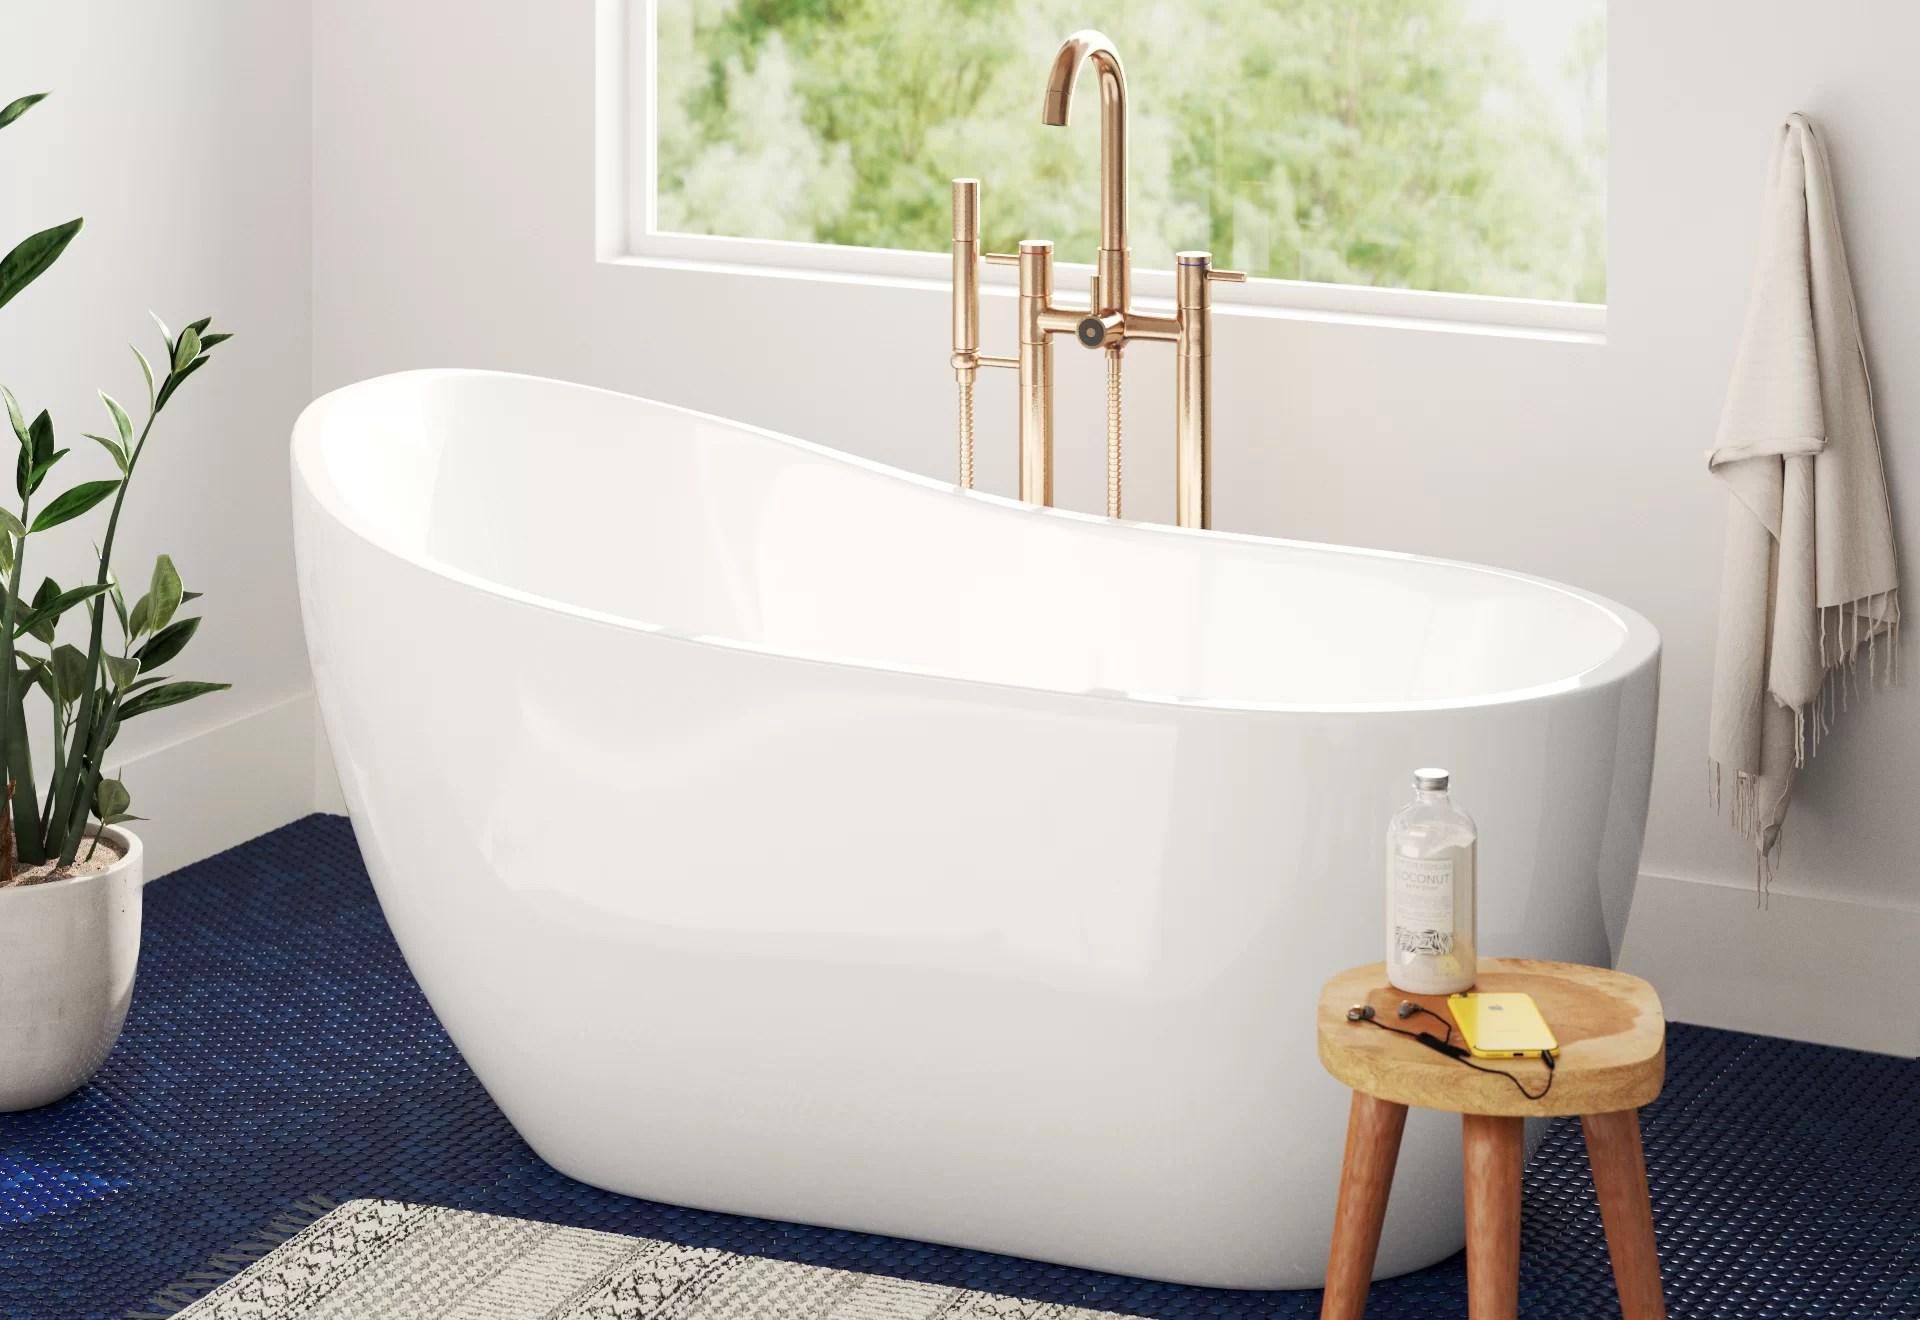 13 Small Bathroom Ideas Allmodern